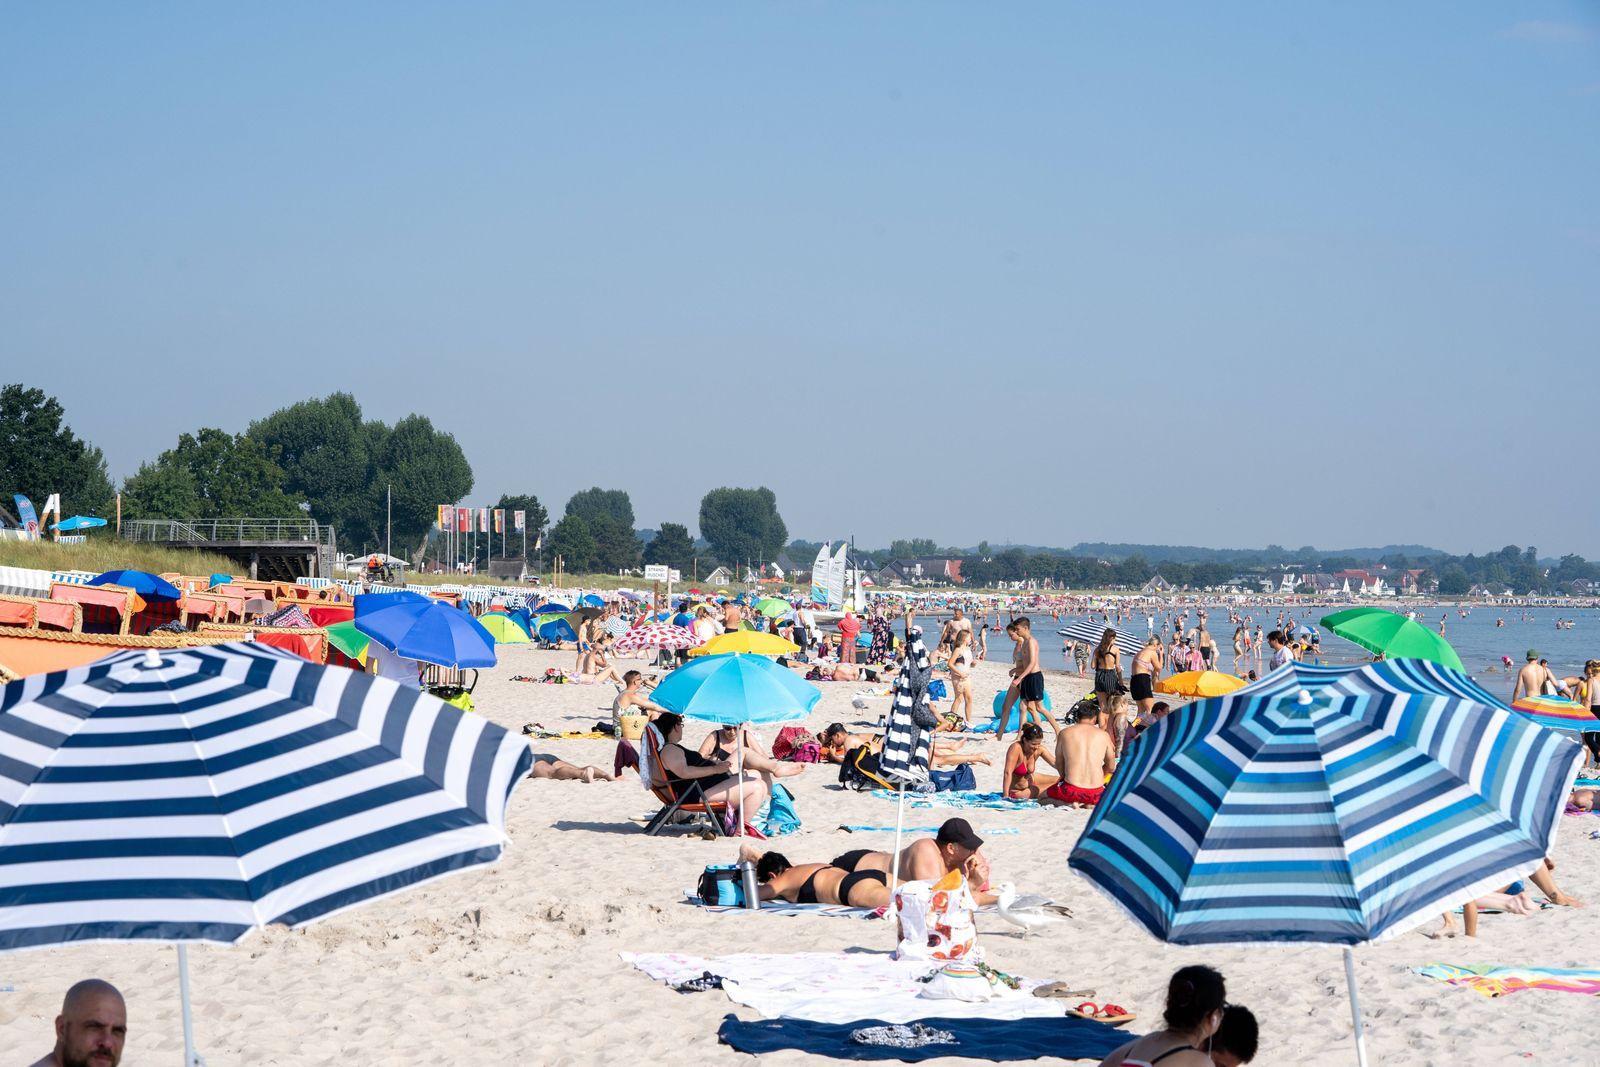 Ostsee-Strand in Scharbeutz und Haffkrug an der Lübecker Bucht Badegäste -;Ostsee-Strand in Scharbeutz und Haffkrug an